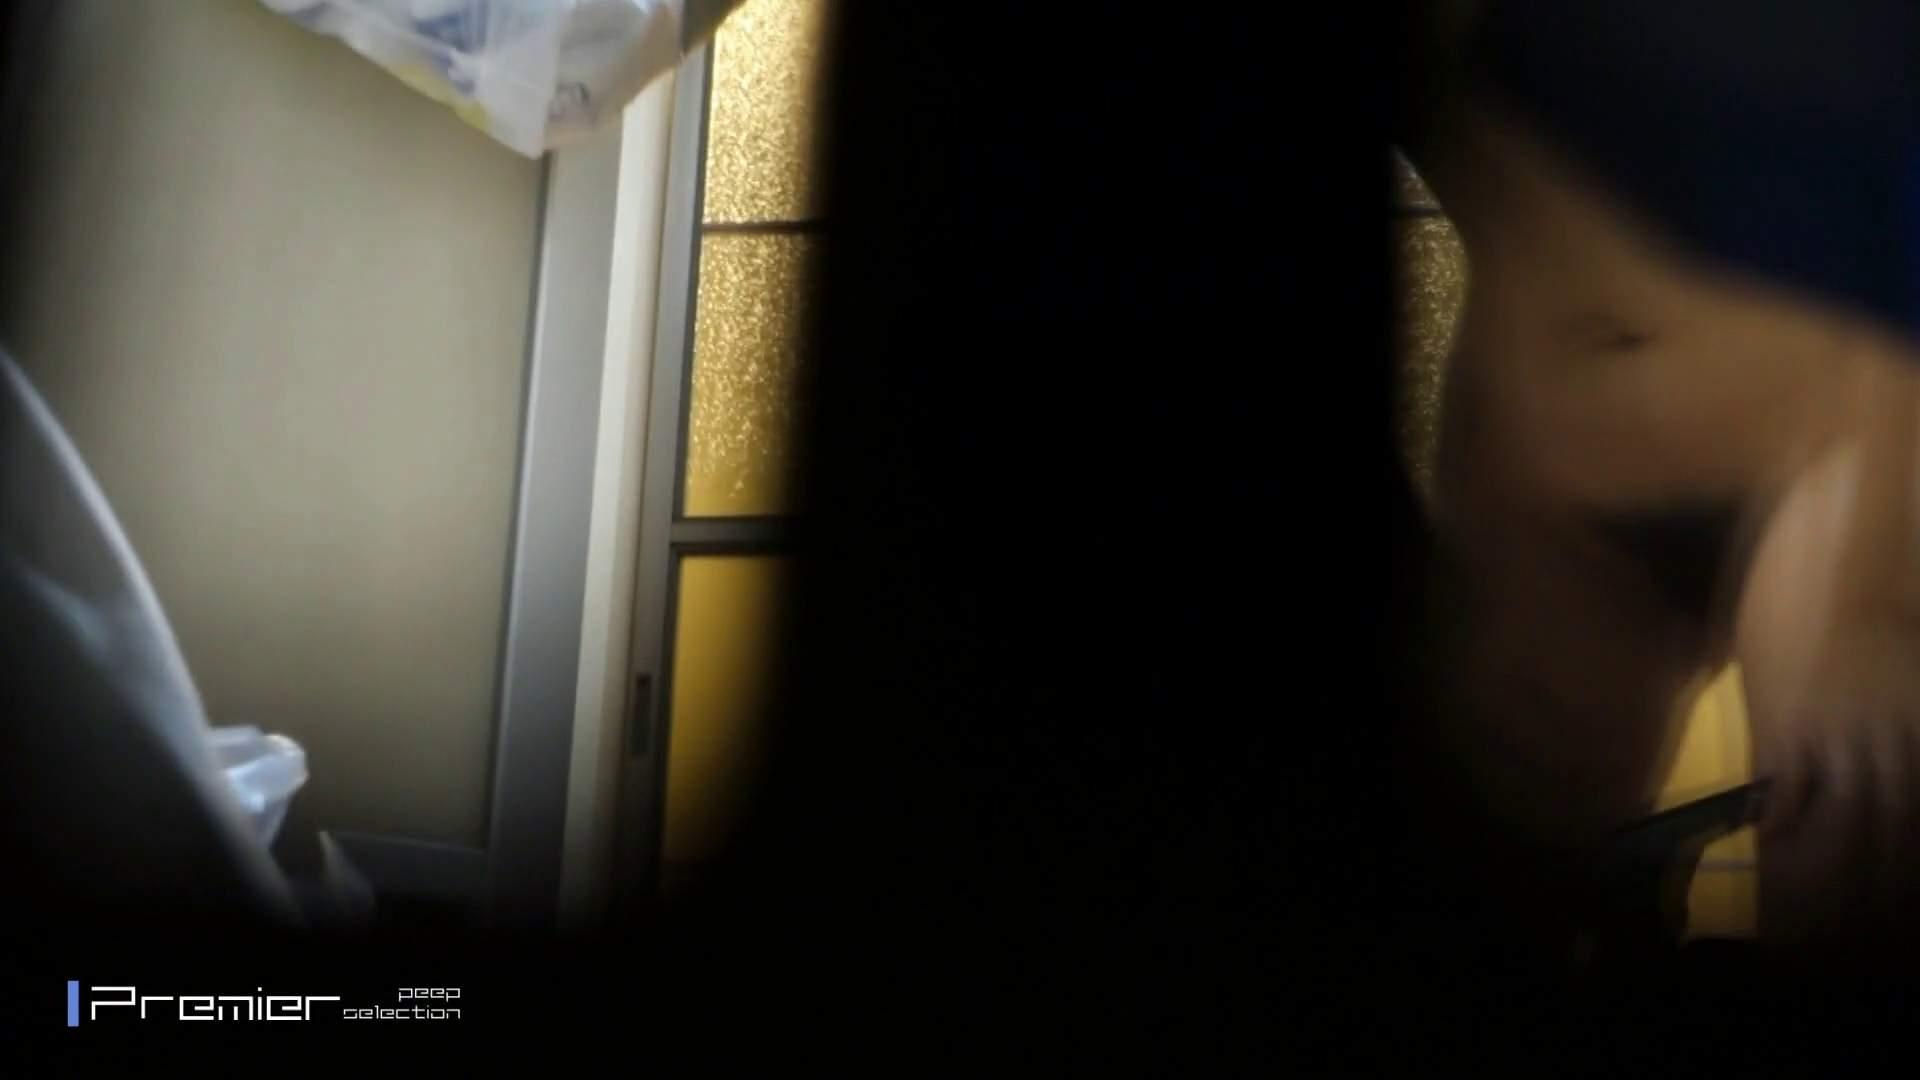 美しい女性のおっぱい隠し撮り 美女達の私生活に潜入! 美女のボディ AV無料動画キャプチャ 48PIX 46